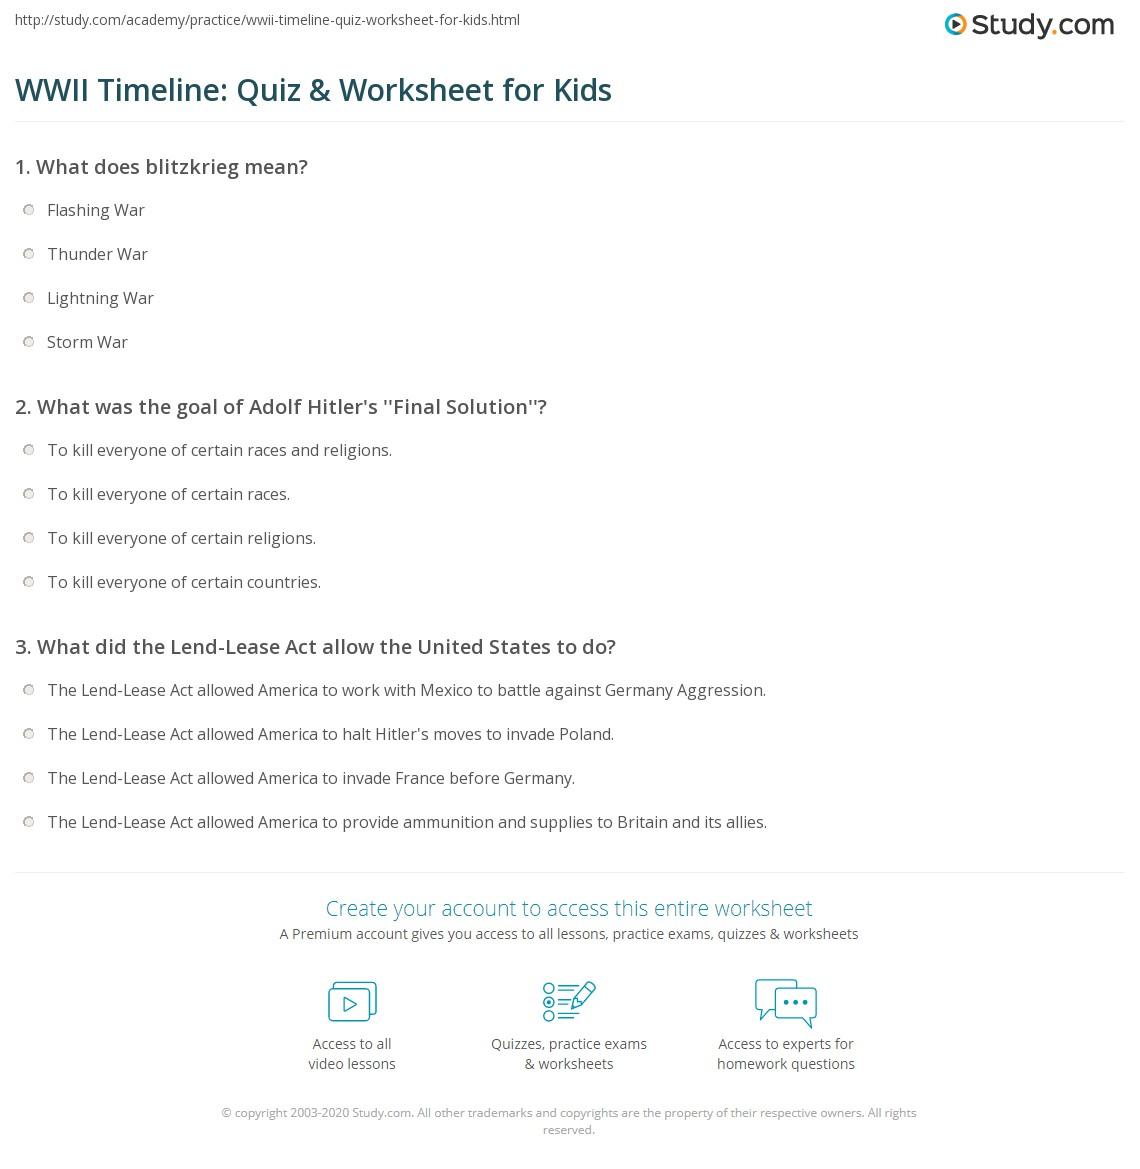 WWII Timeline: Quiz & Worksheet for Kids | Study.com